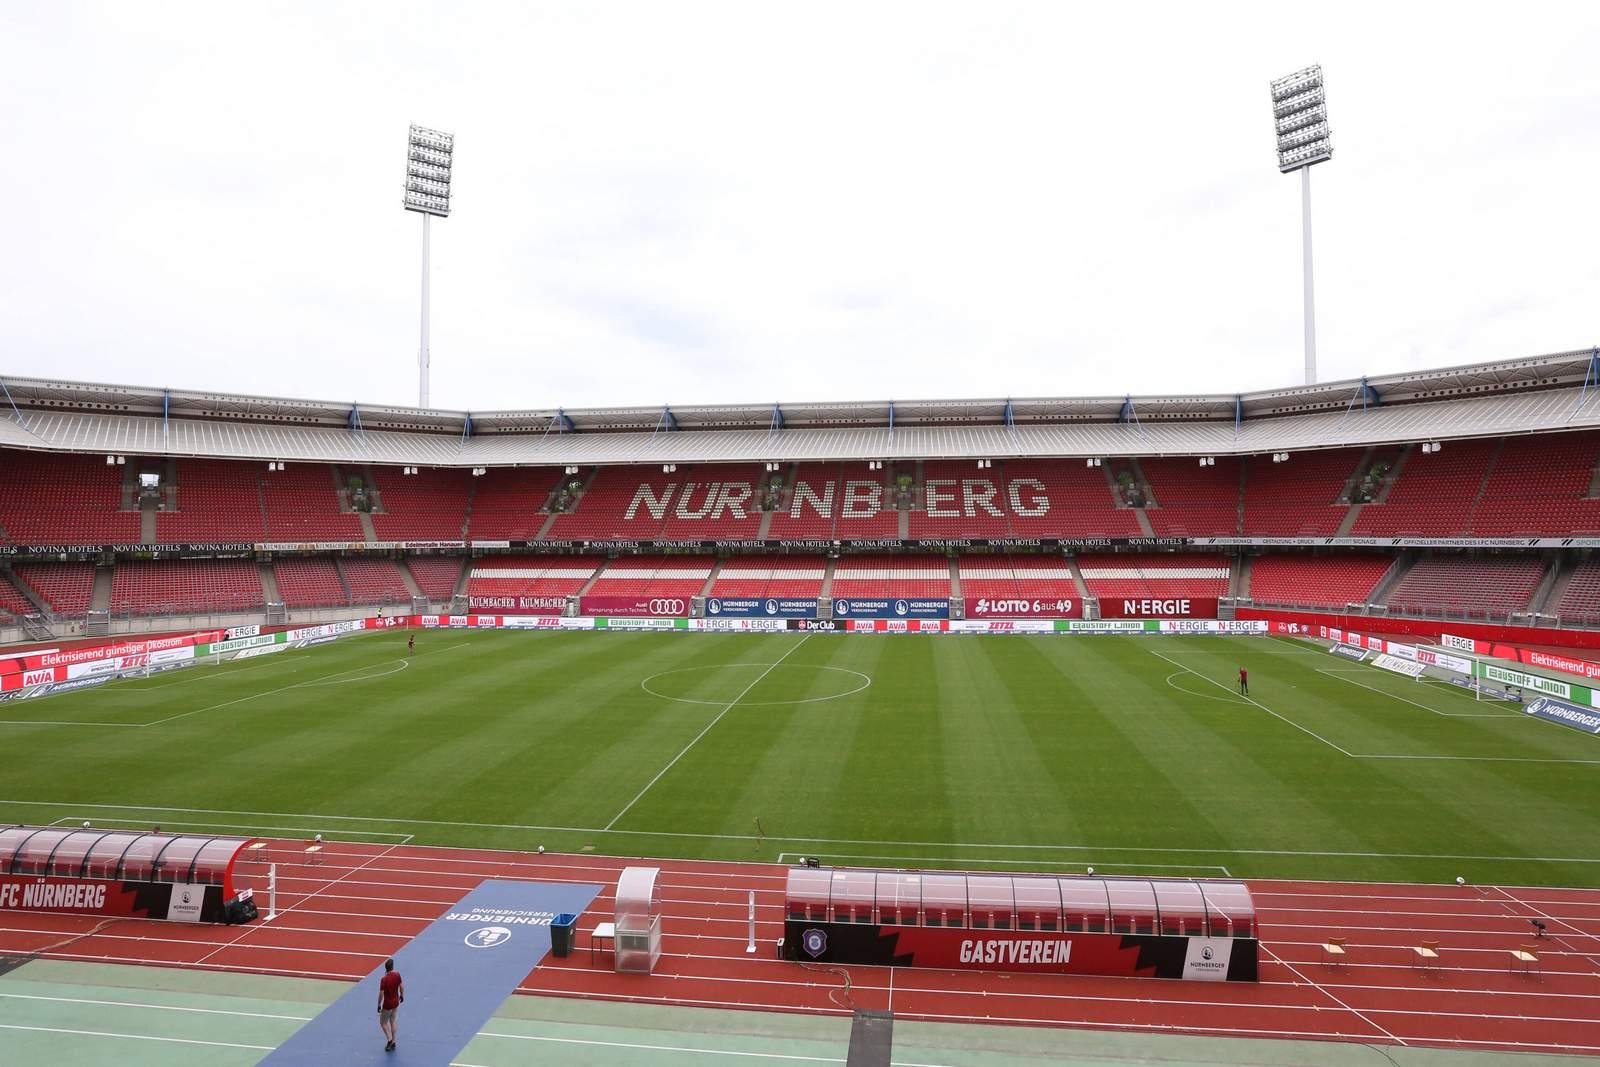 Max Morlock Stadion in Nürnberg